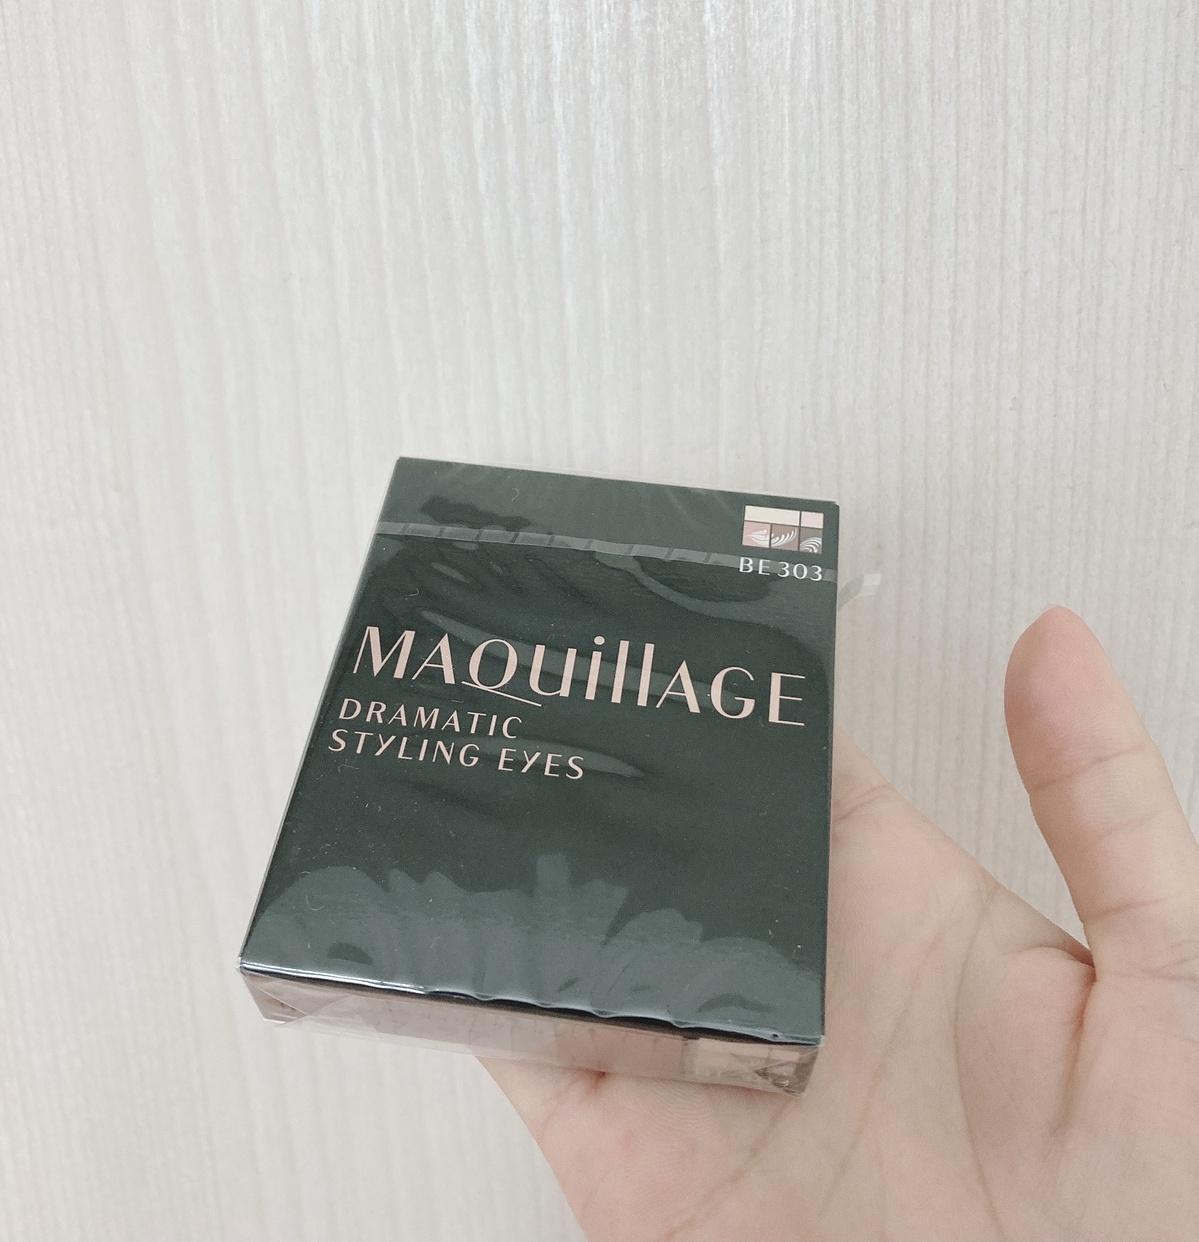 MAQuillAGE(マキアージュ) ドラマティックスタイリングアイズを使ったcoalaさんのクチコミ画像1